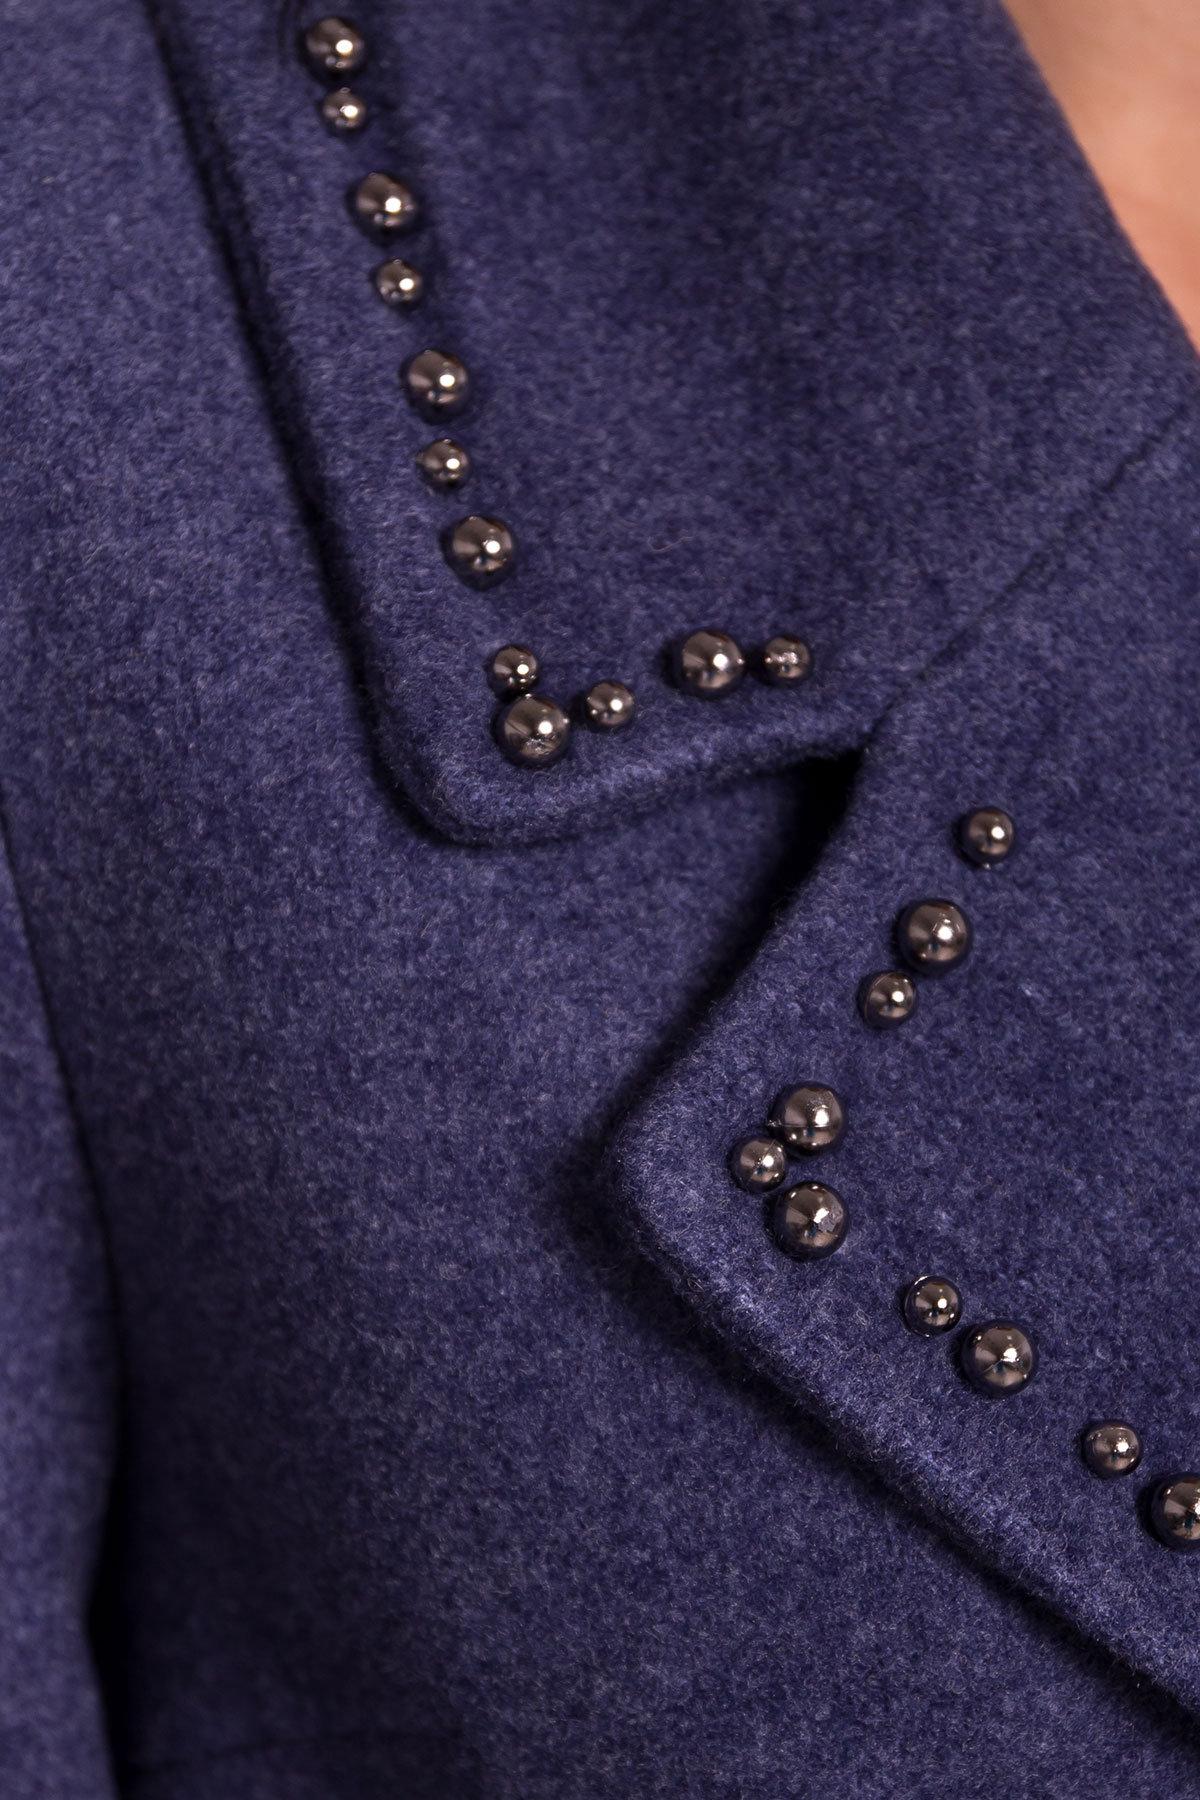 Пальто Кейси 5504 АРТ. 37026 Цвет: Джинс - фото 6, интернет магазин tm-modus.ru